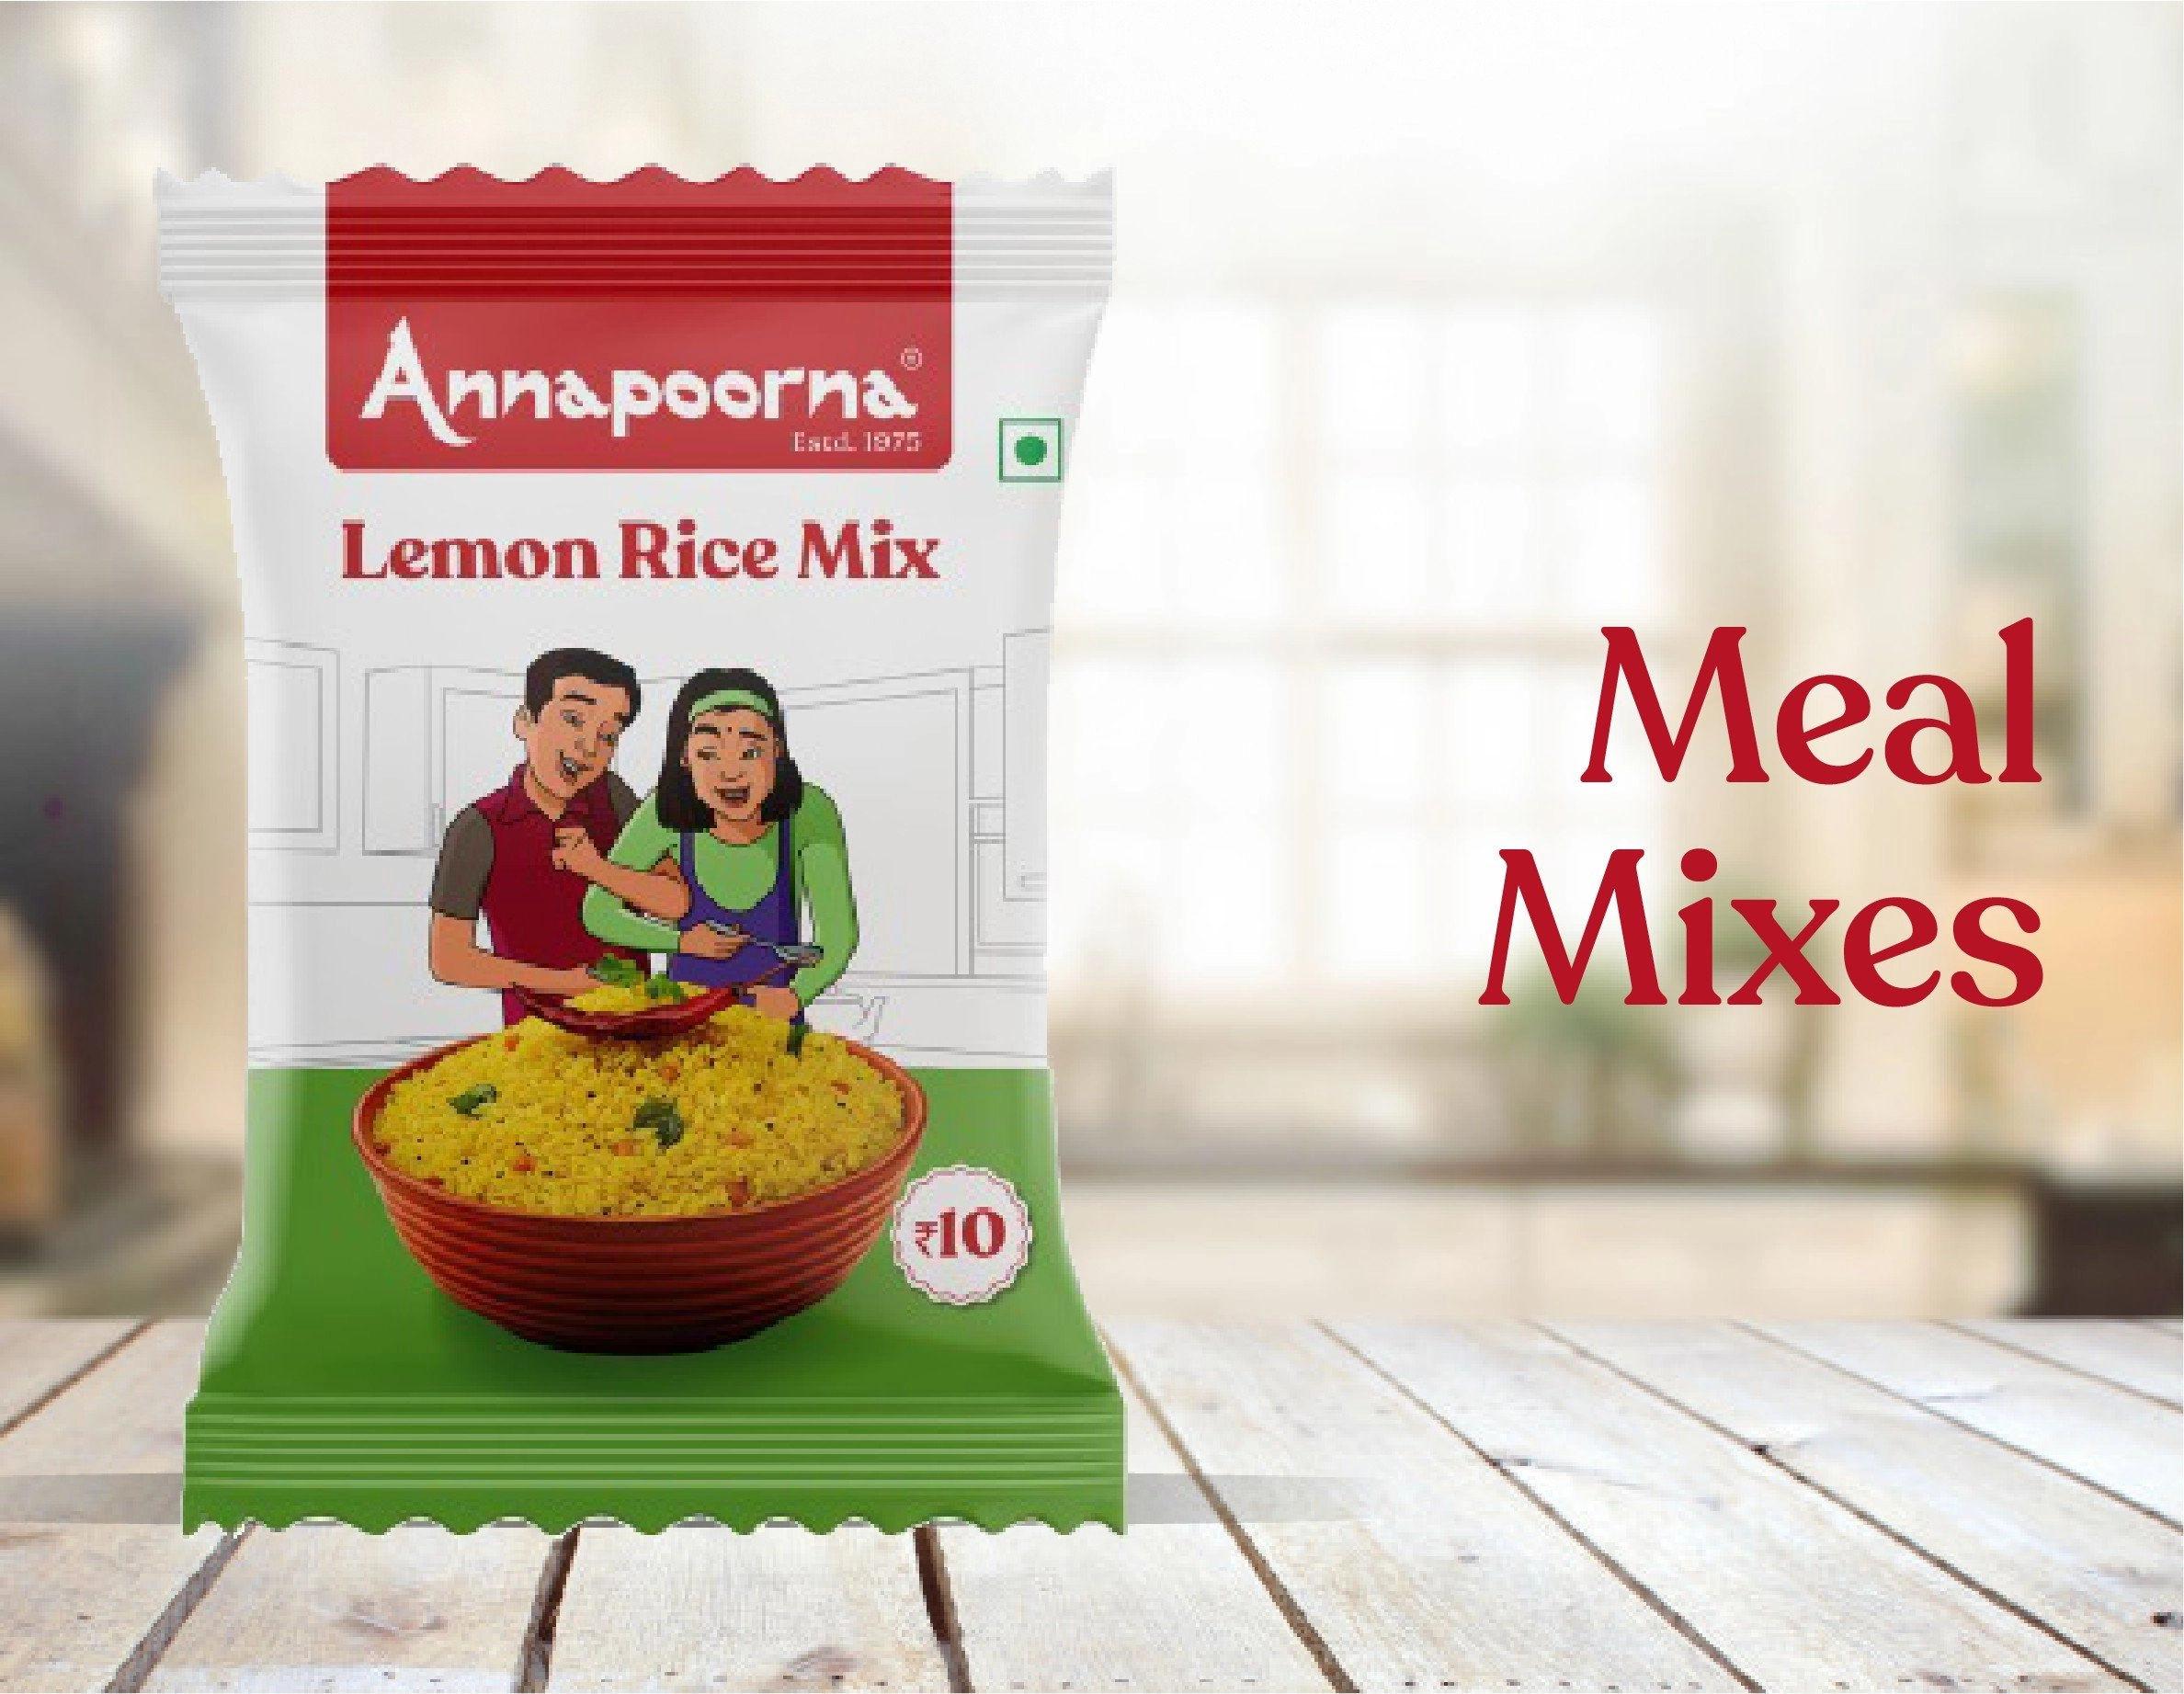 Meal Mixes